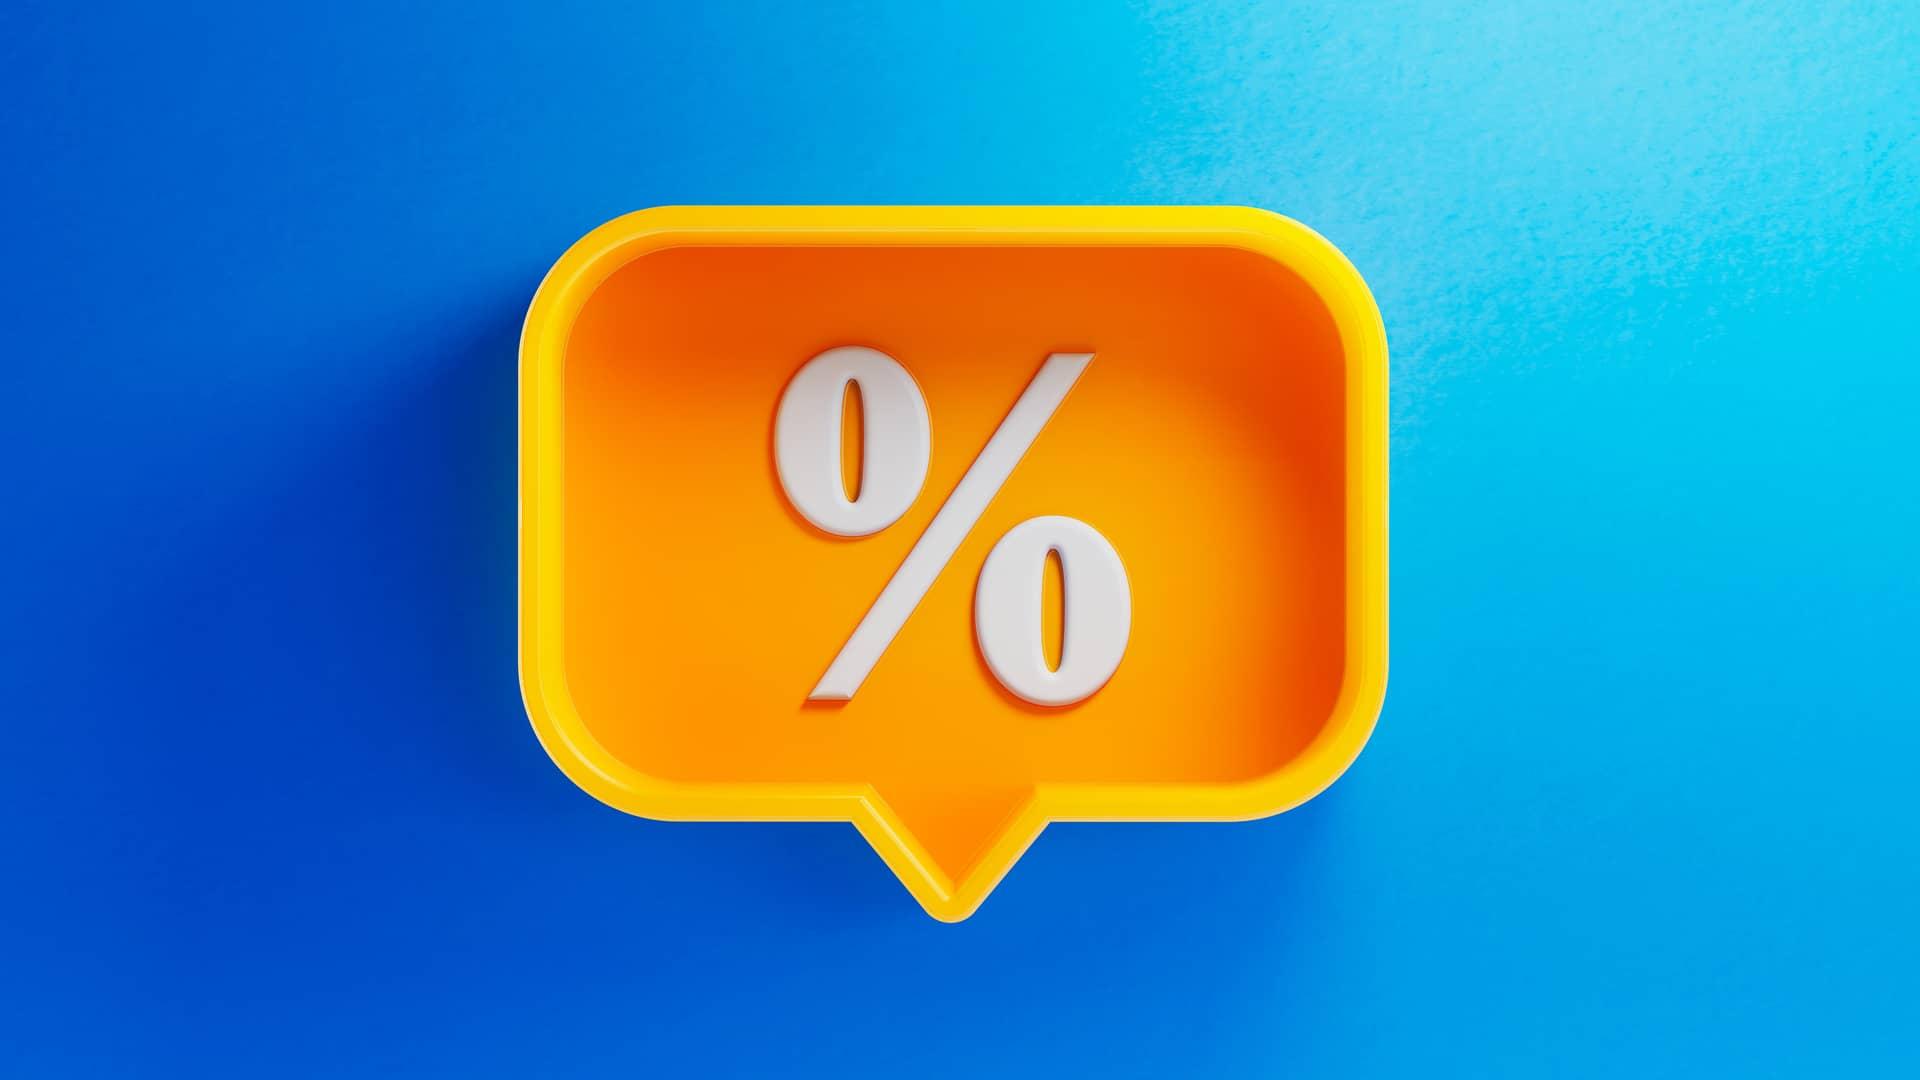 Símbolo de porcentaje representa ofertas de yoigo